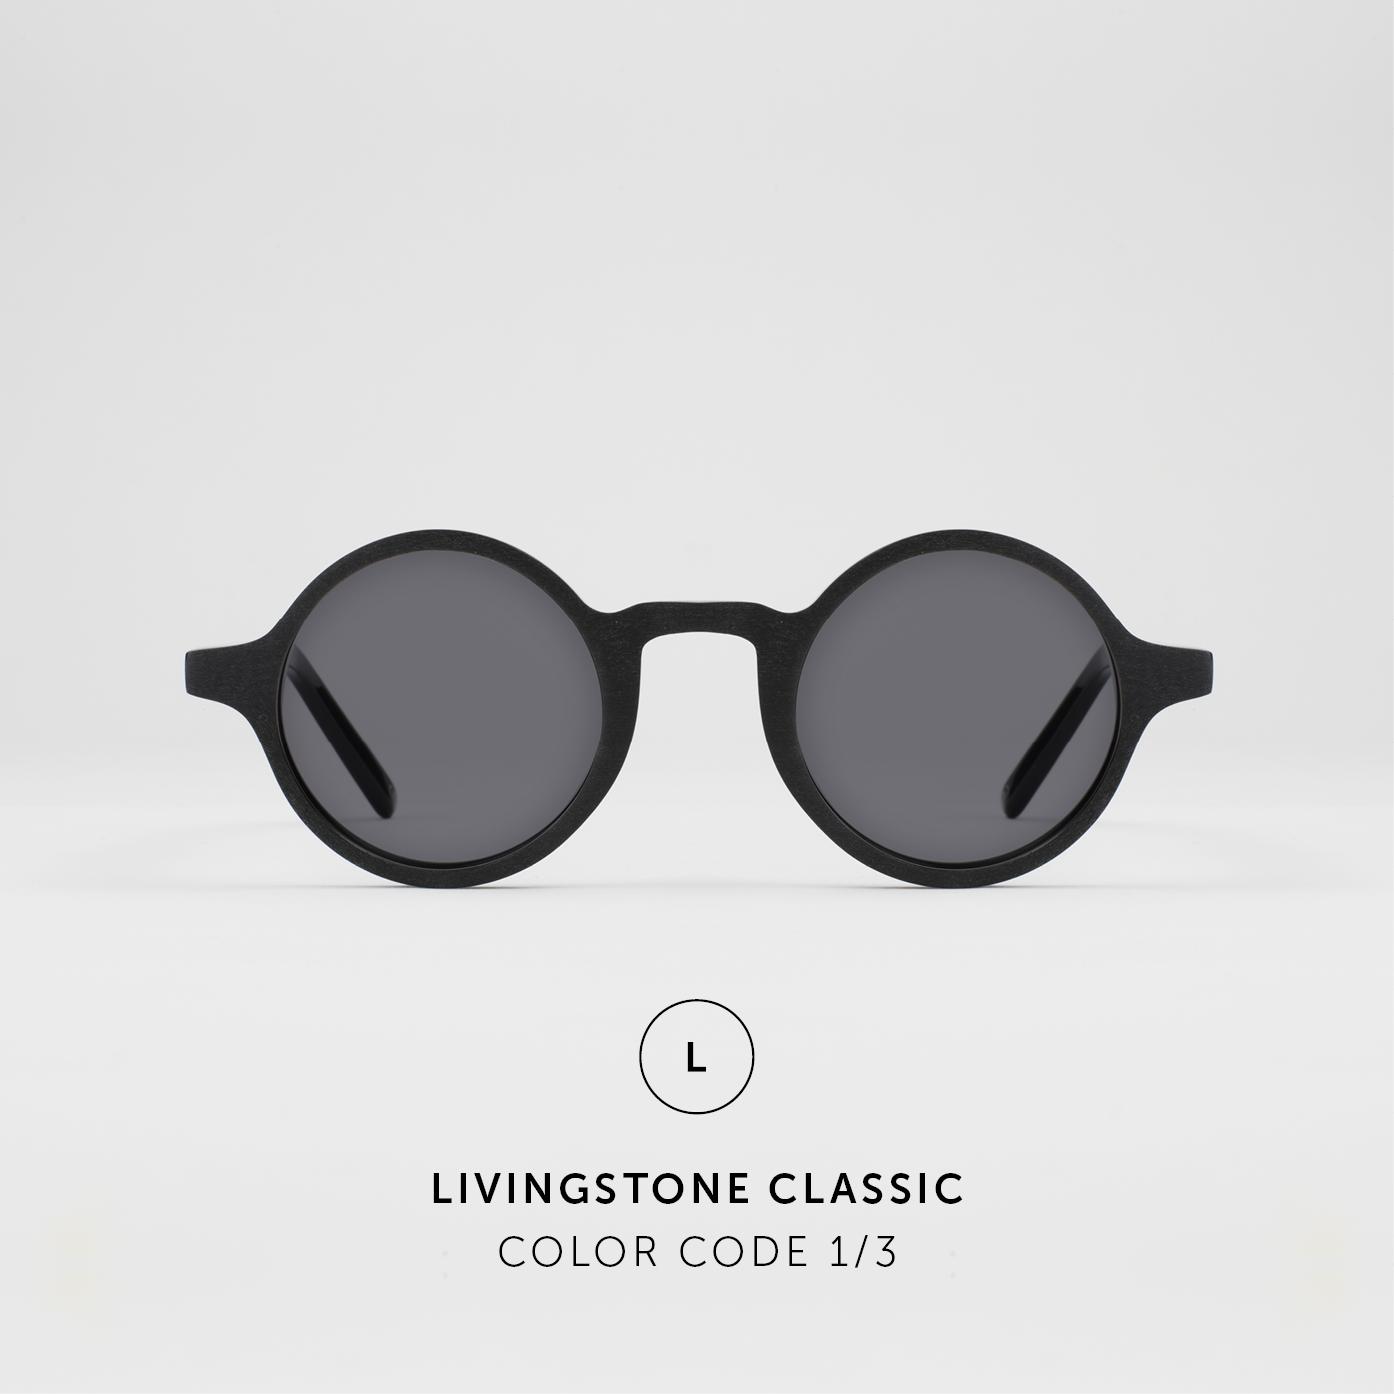 LivingstoneClassic10.jpg